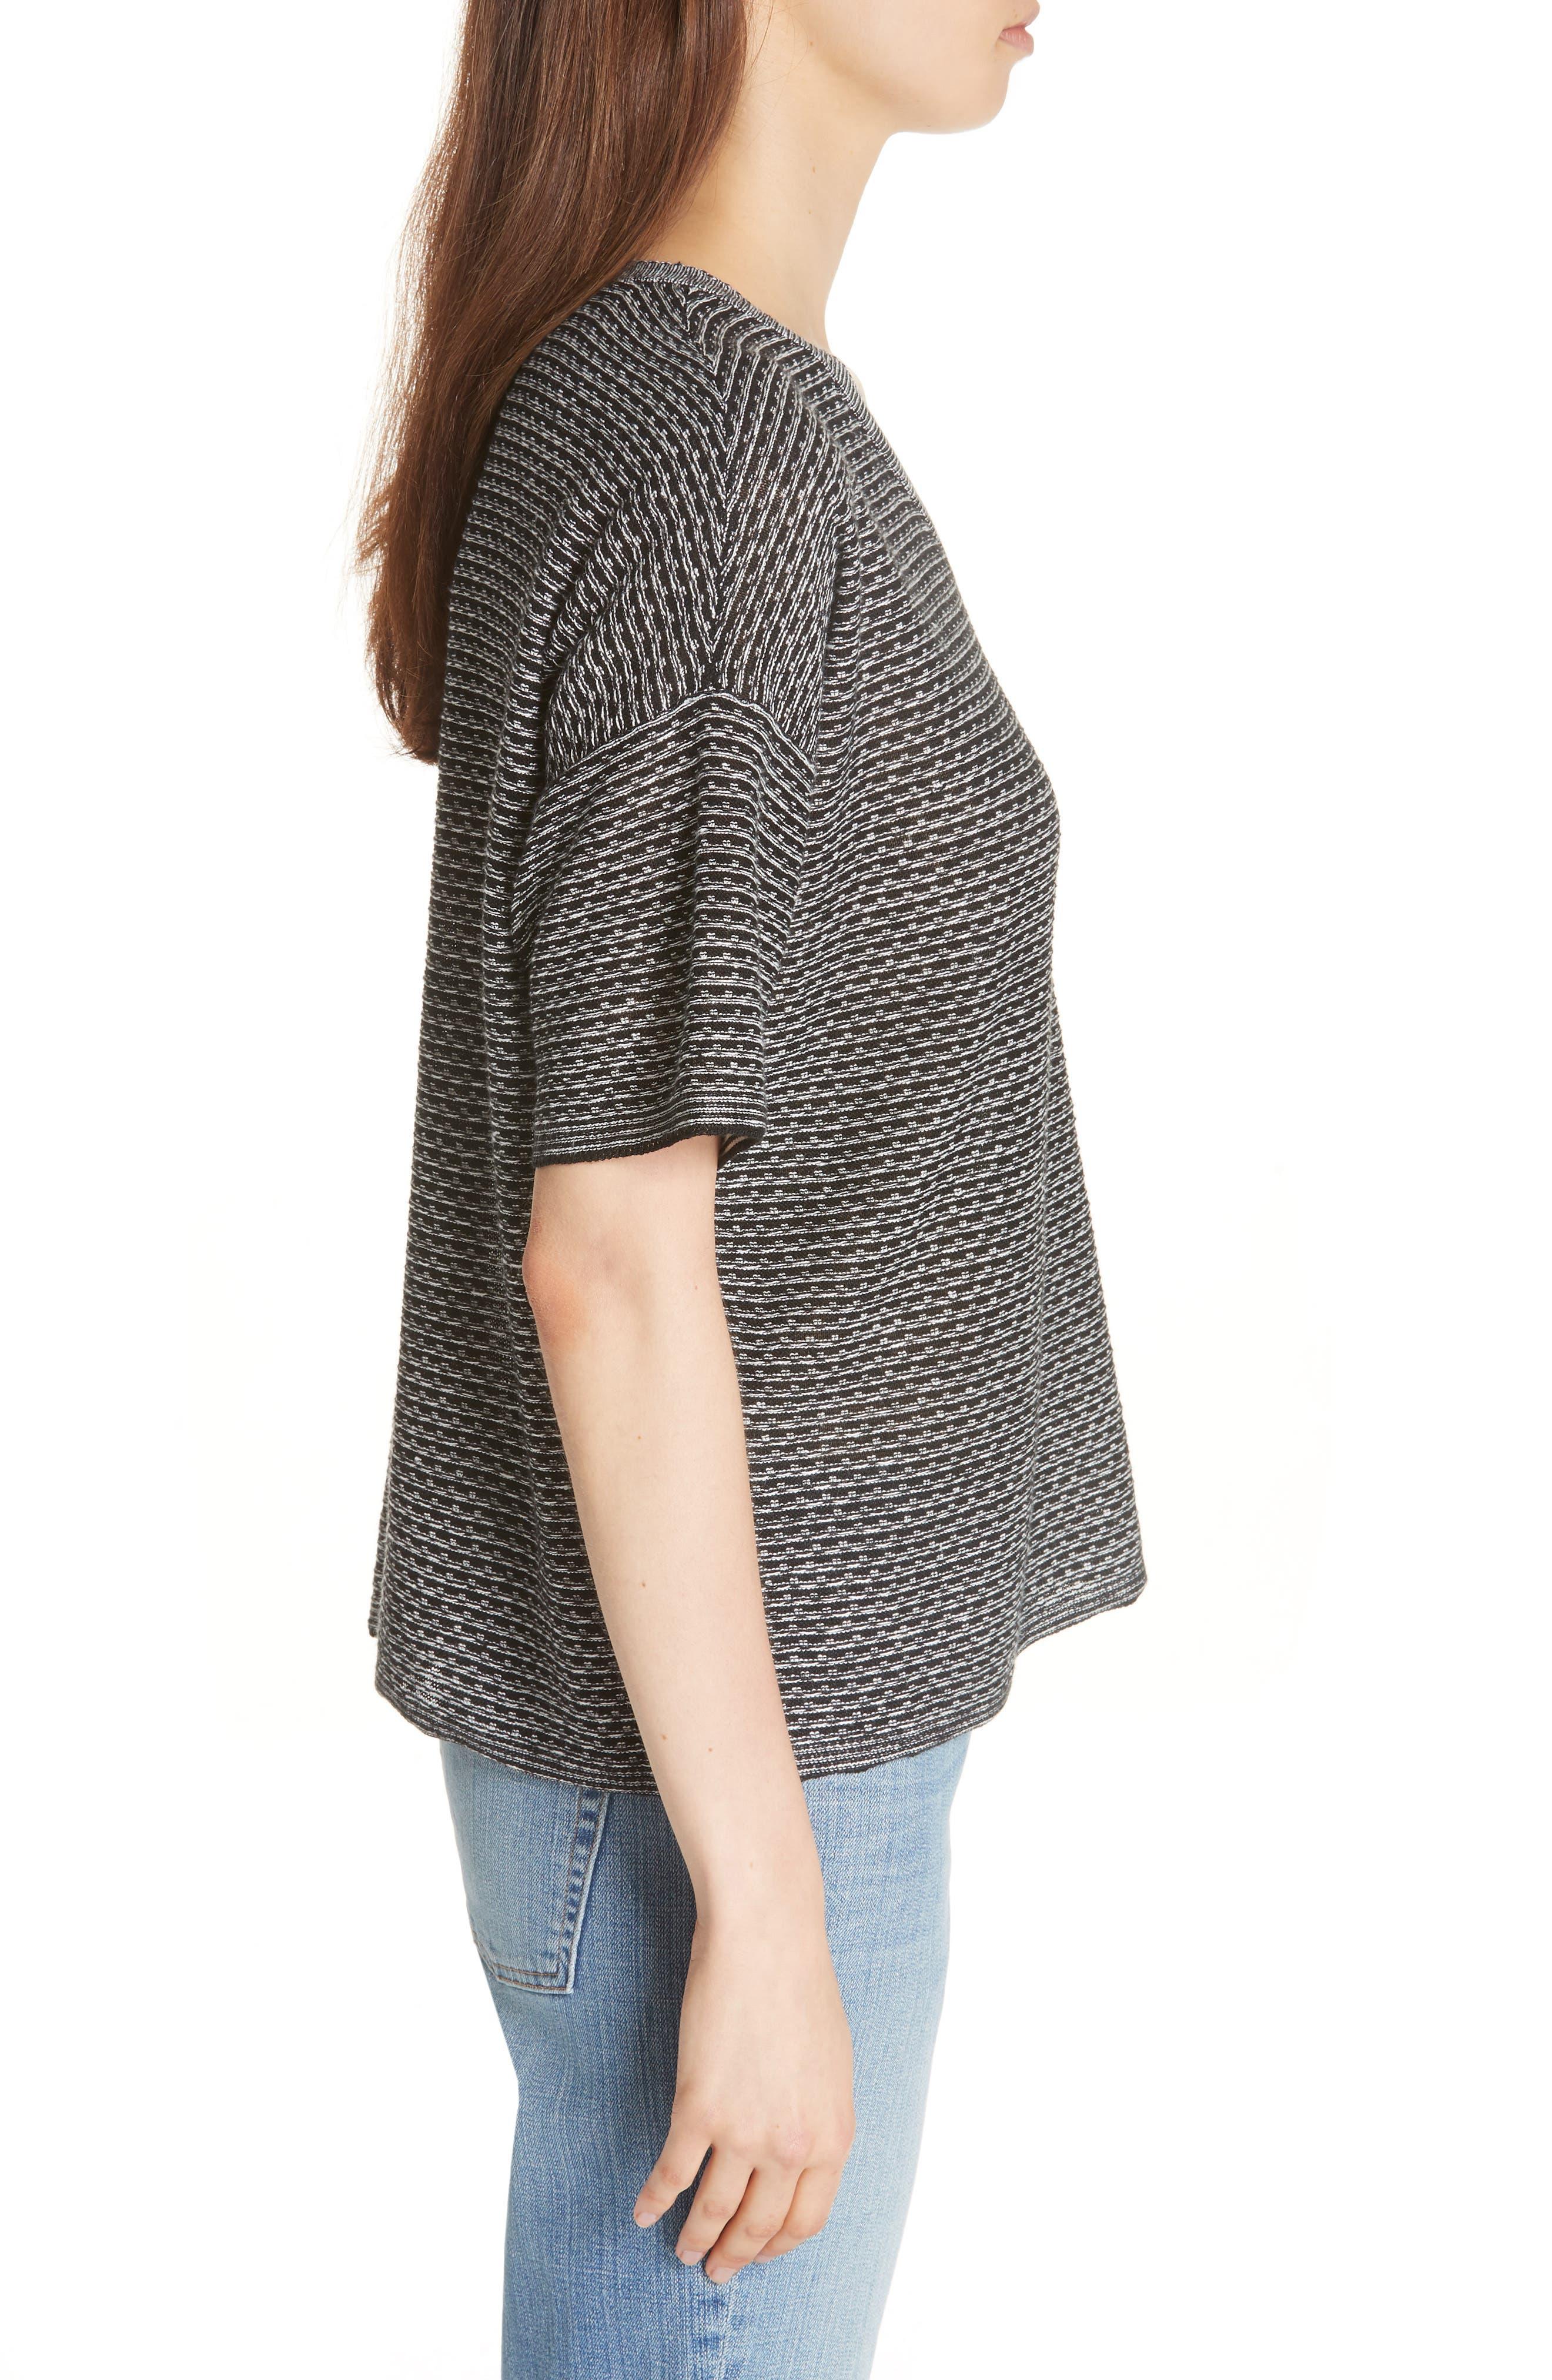 Organic Linen Jacquard Sweater,                             Alternate thumbnail 3, color,                             Black/ Soft White